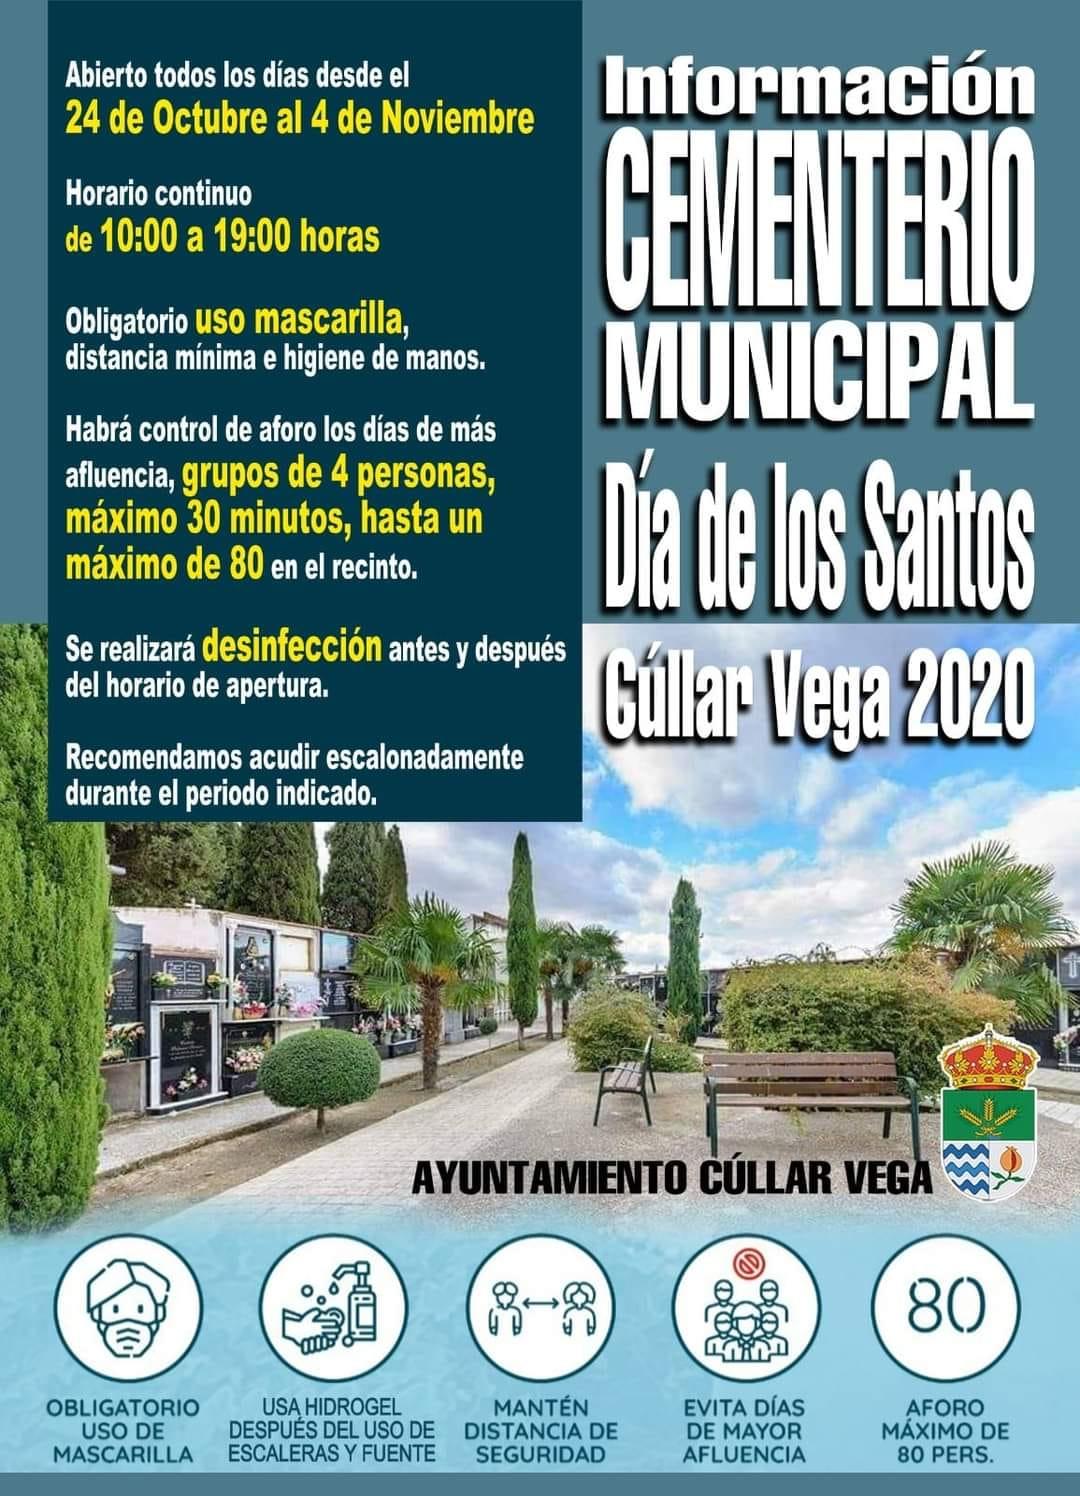 Información Cementerio Municipal para el Día de los Santos 2020